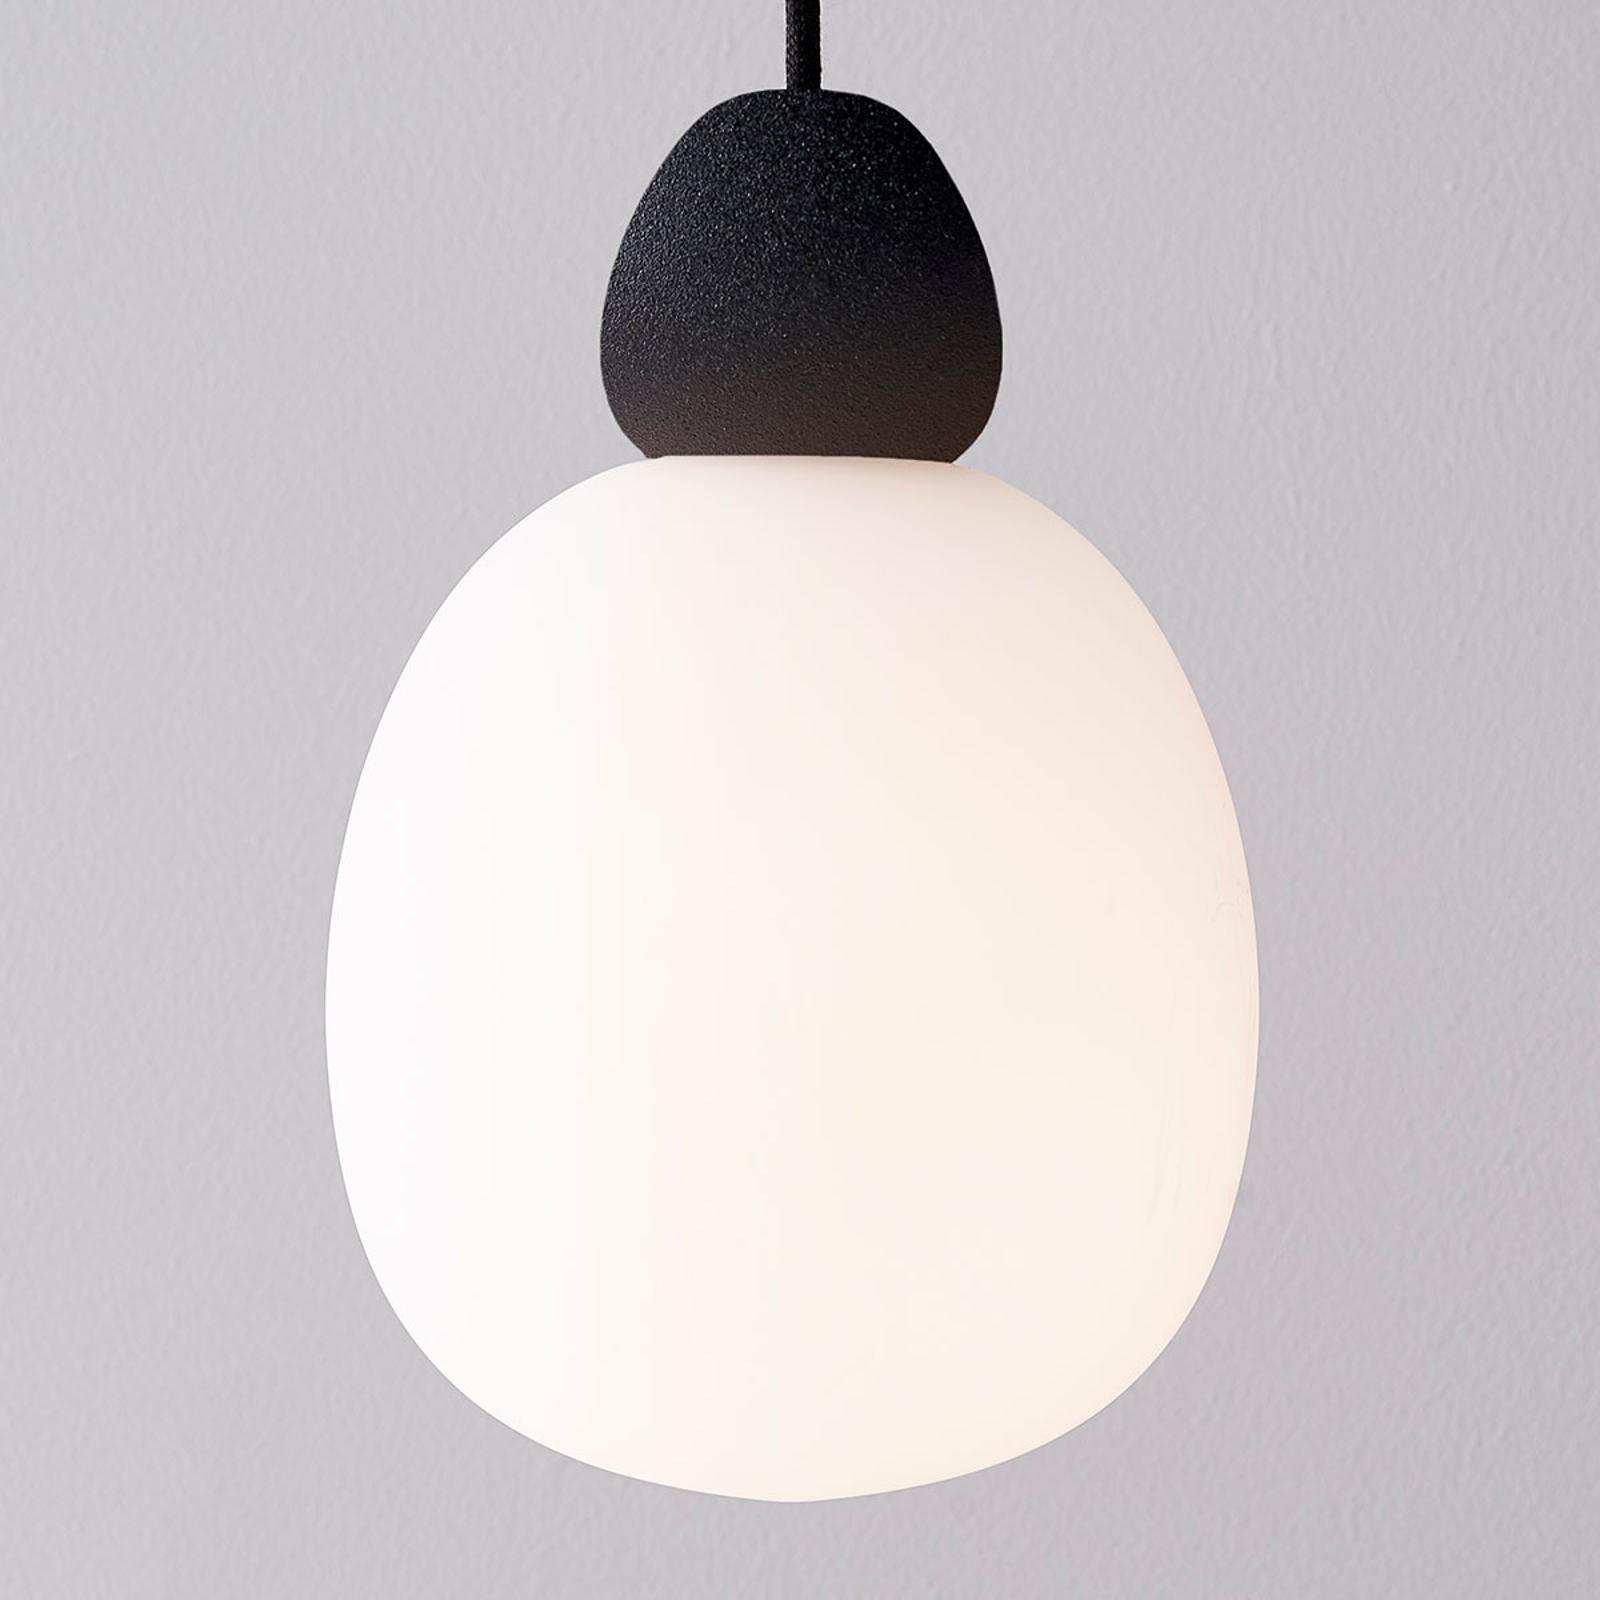 Szklana lampa wisząca Buddy zawieszenie czarne